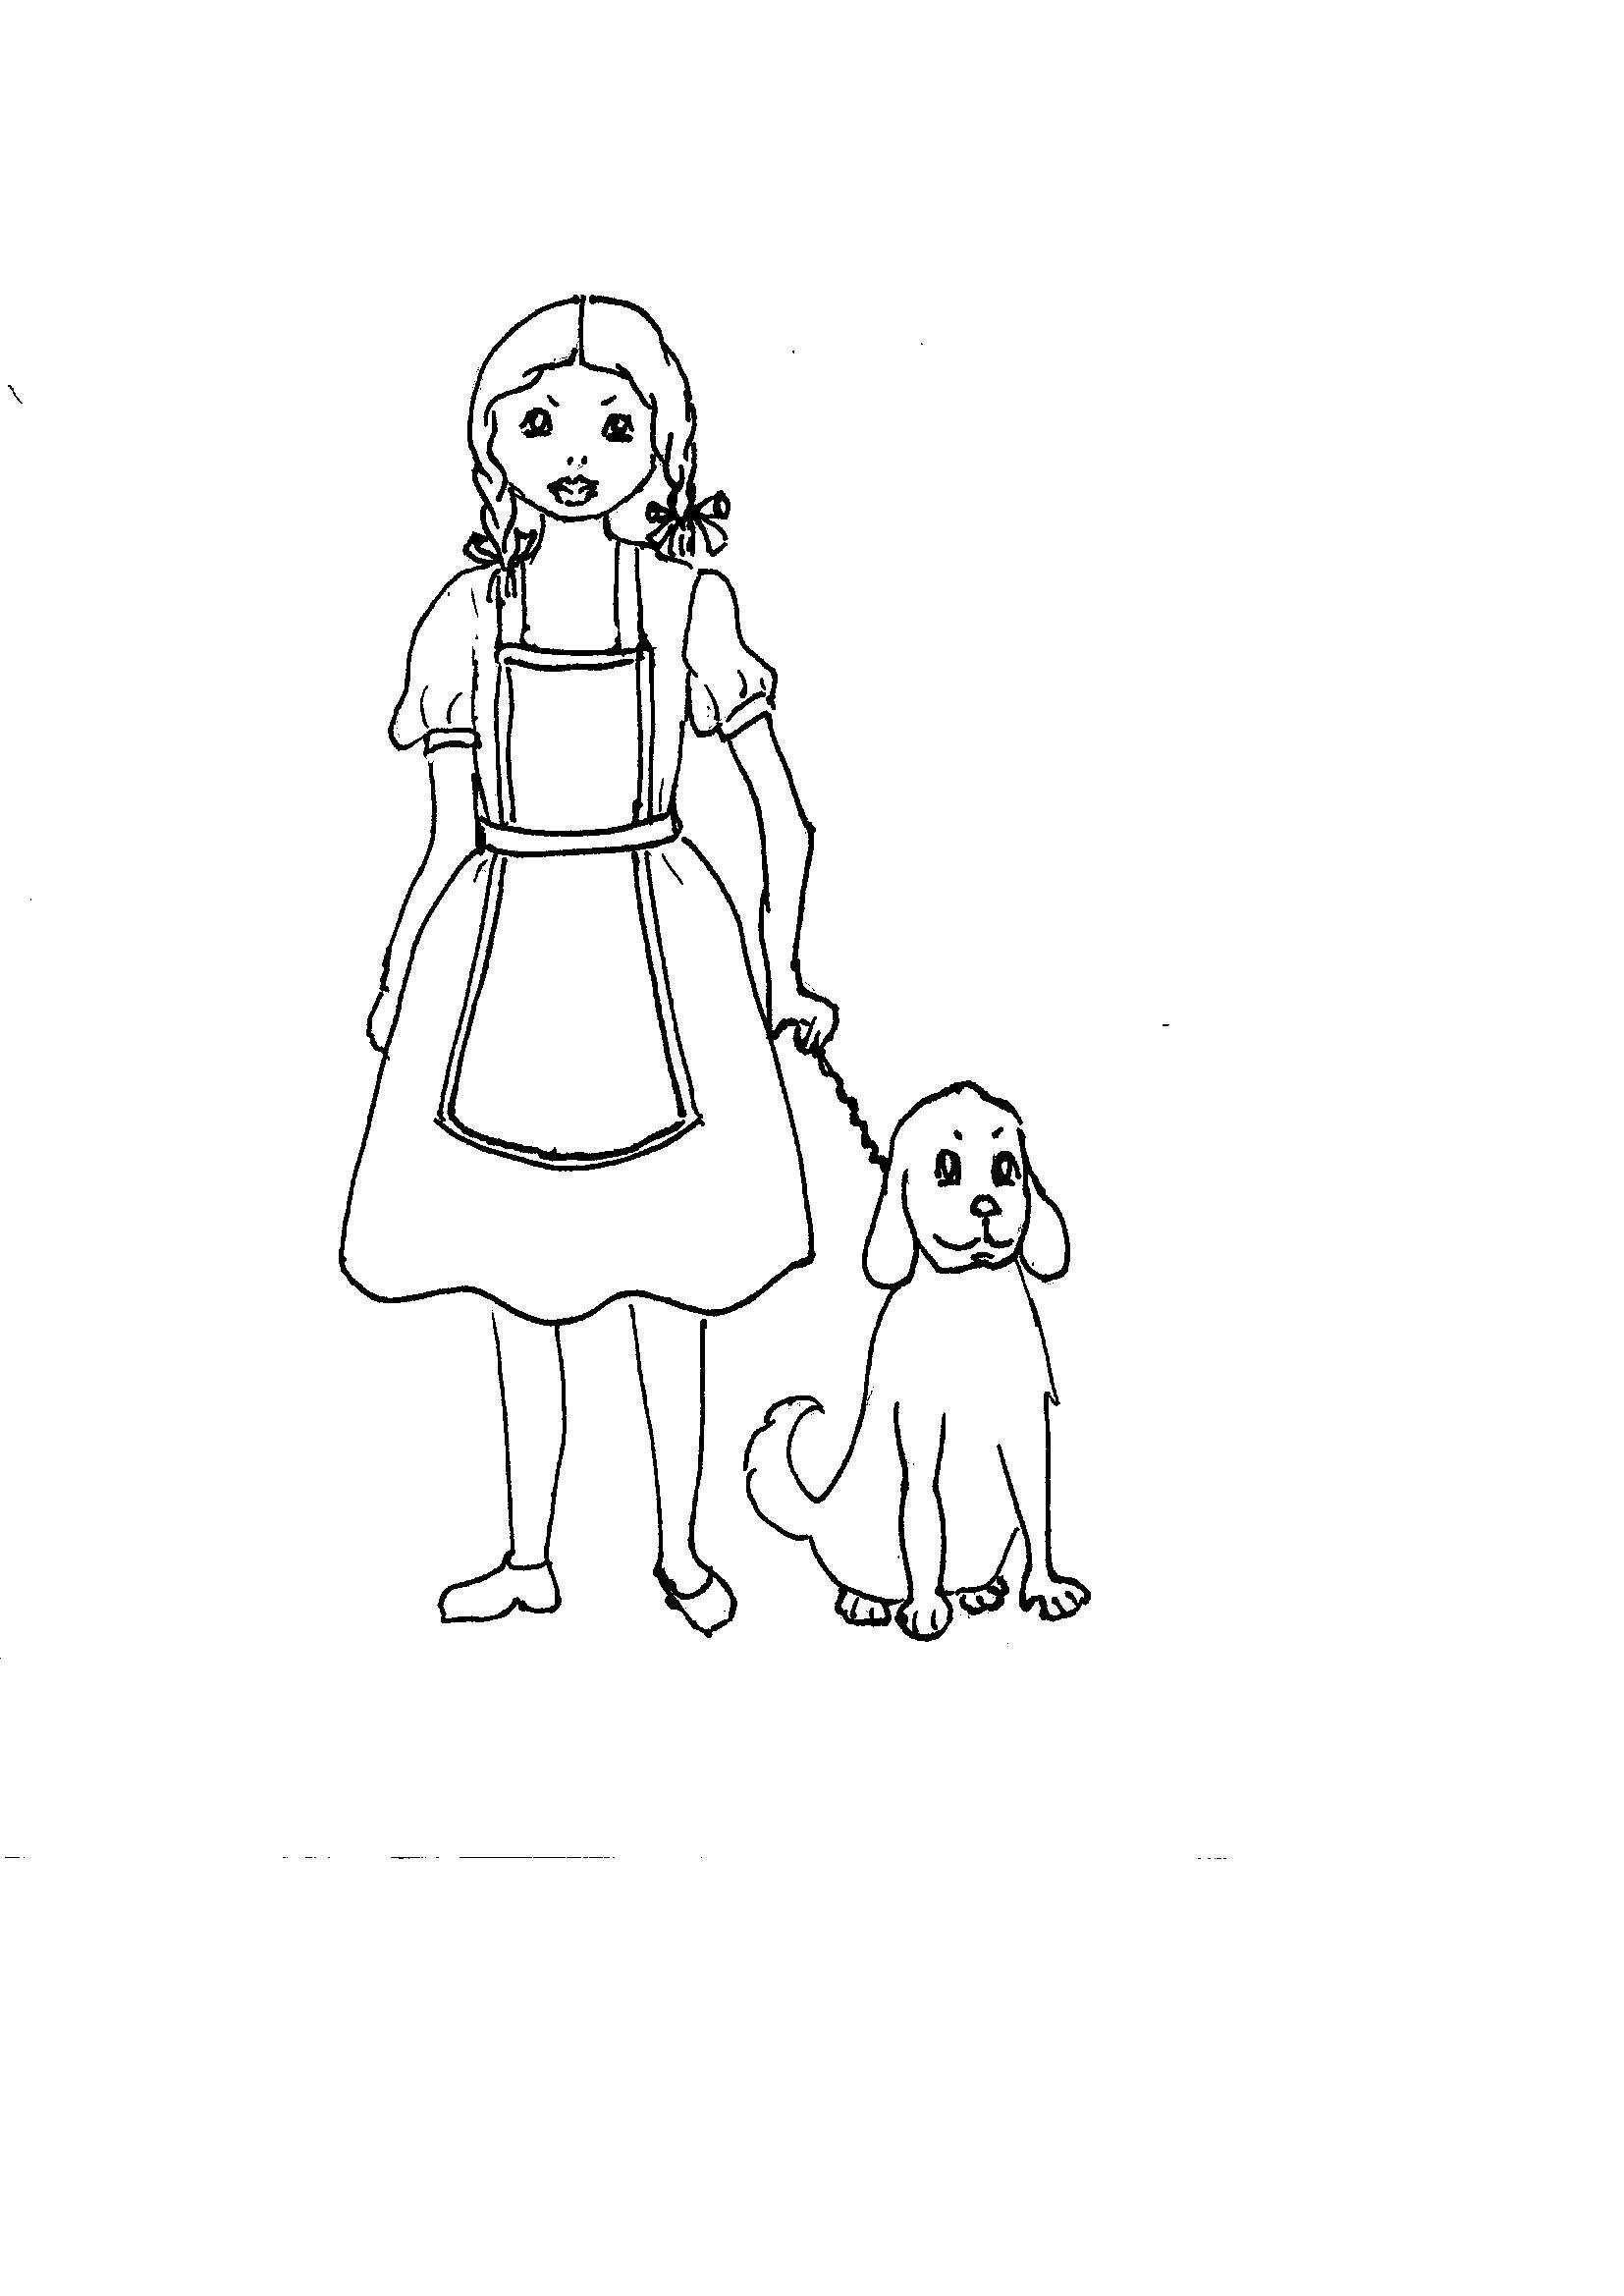 Disegni Da Colorare Cani Elegante Disegni Da Colorare Bambini I Bambina Con Il Cane Of Disegn Disegni Da Colorare Bambini Da Colorare Disegni